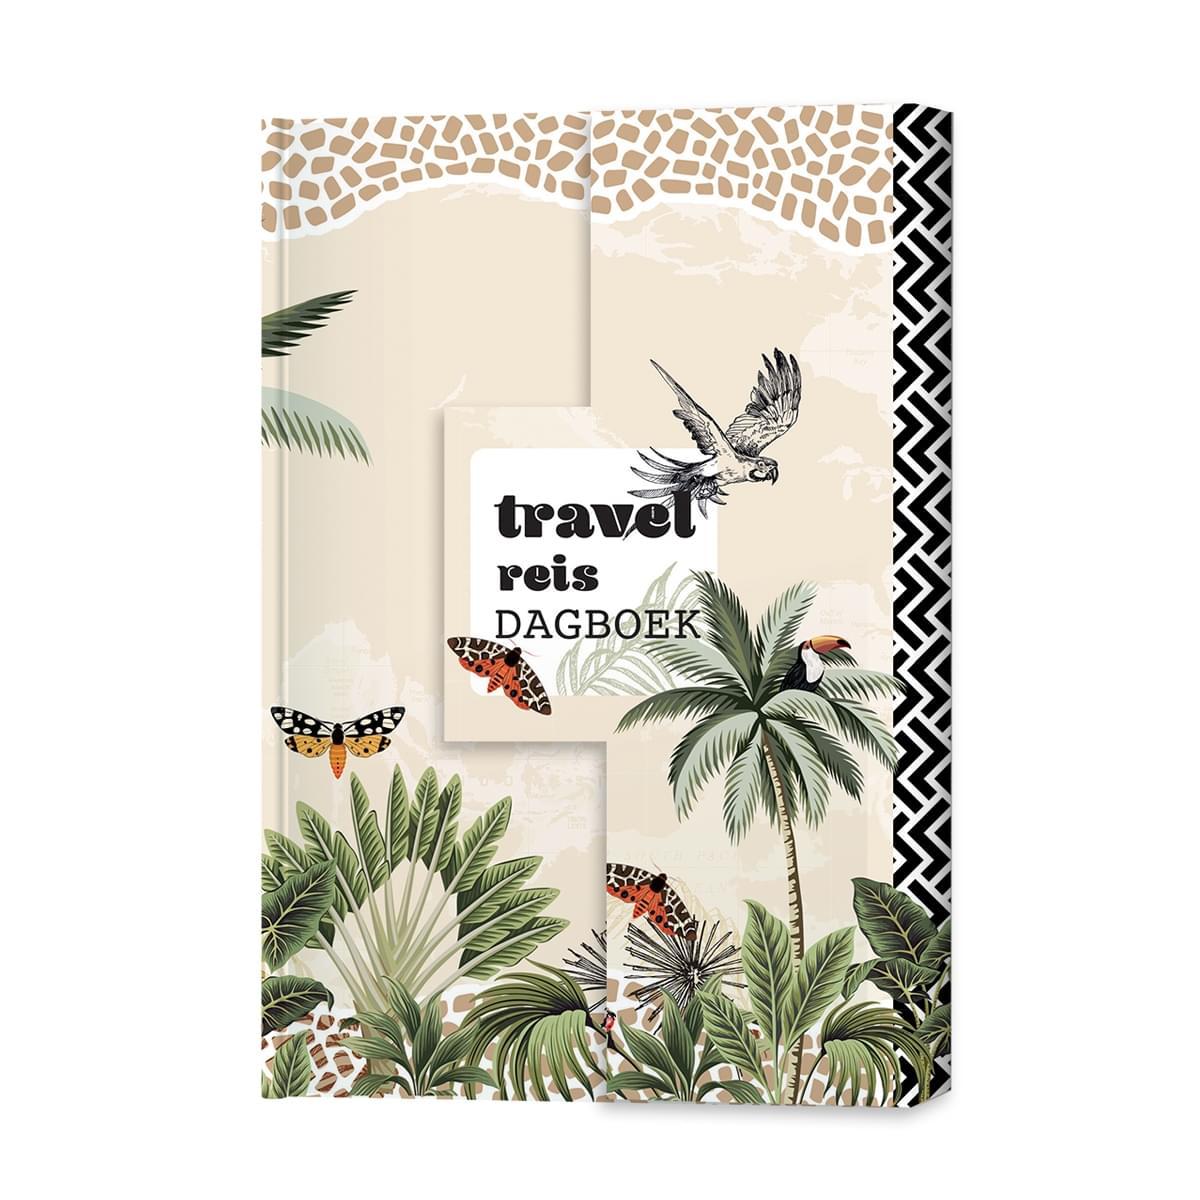 ML Travel Reisdagboek 17,7 x 12,9 x 2,4 cm